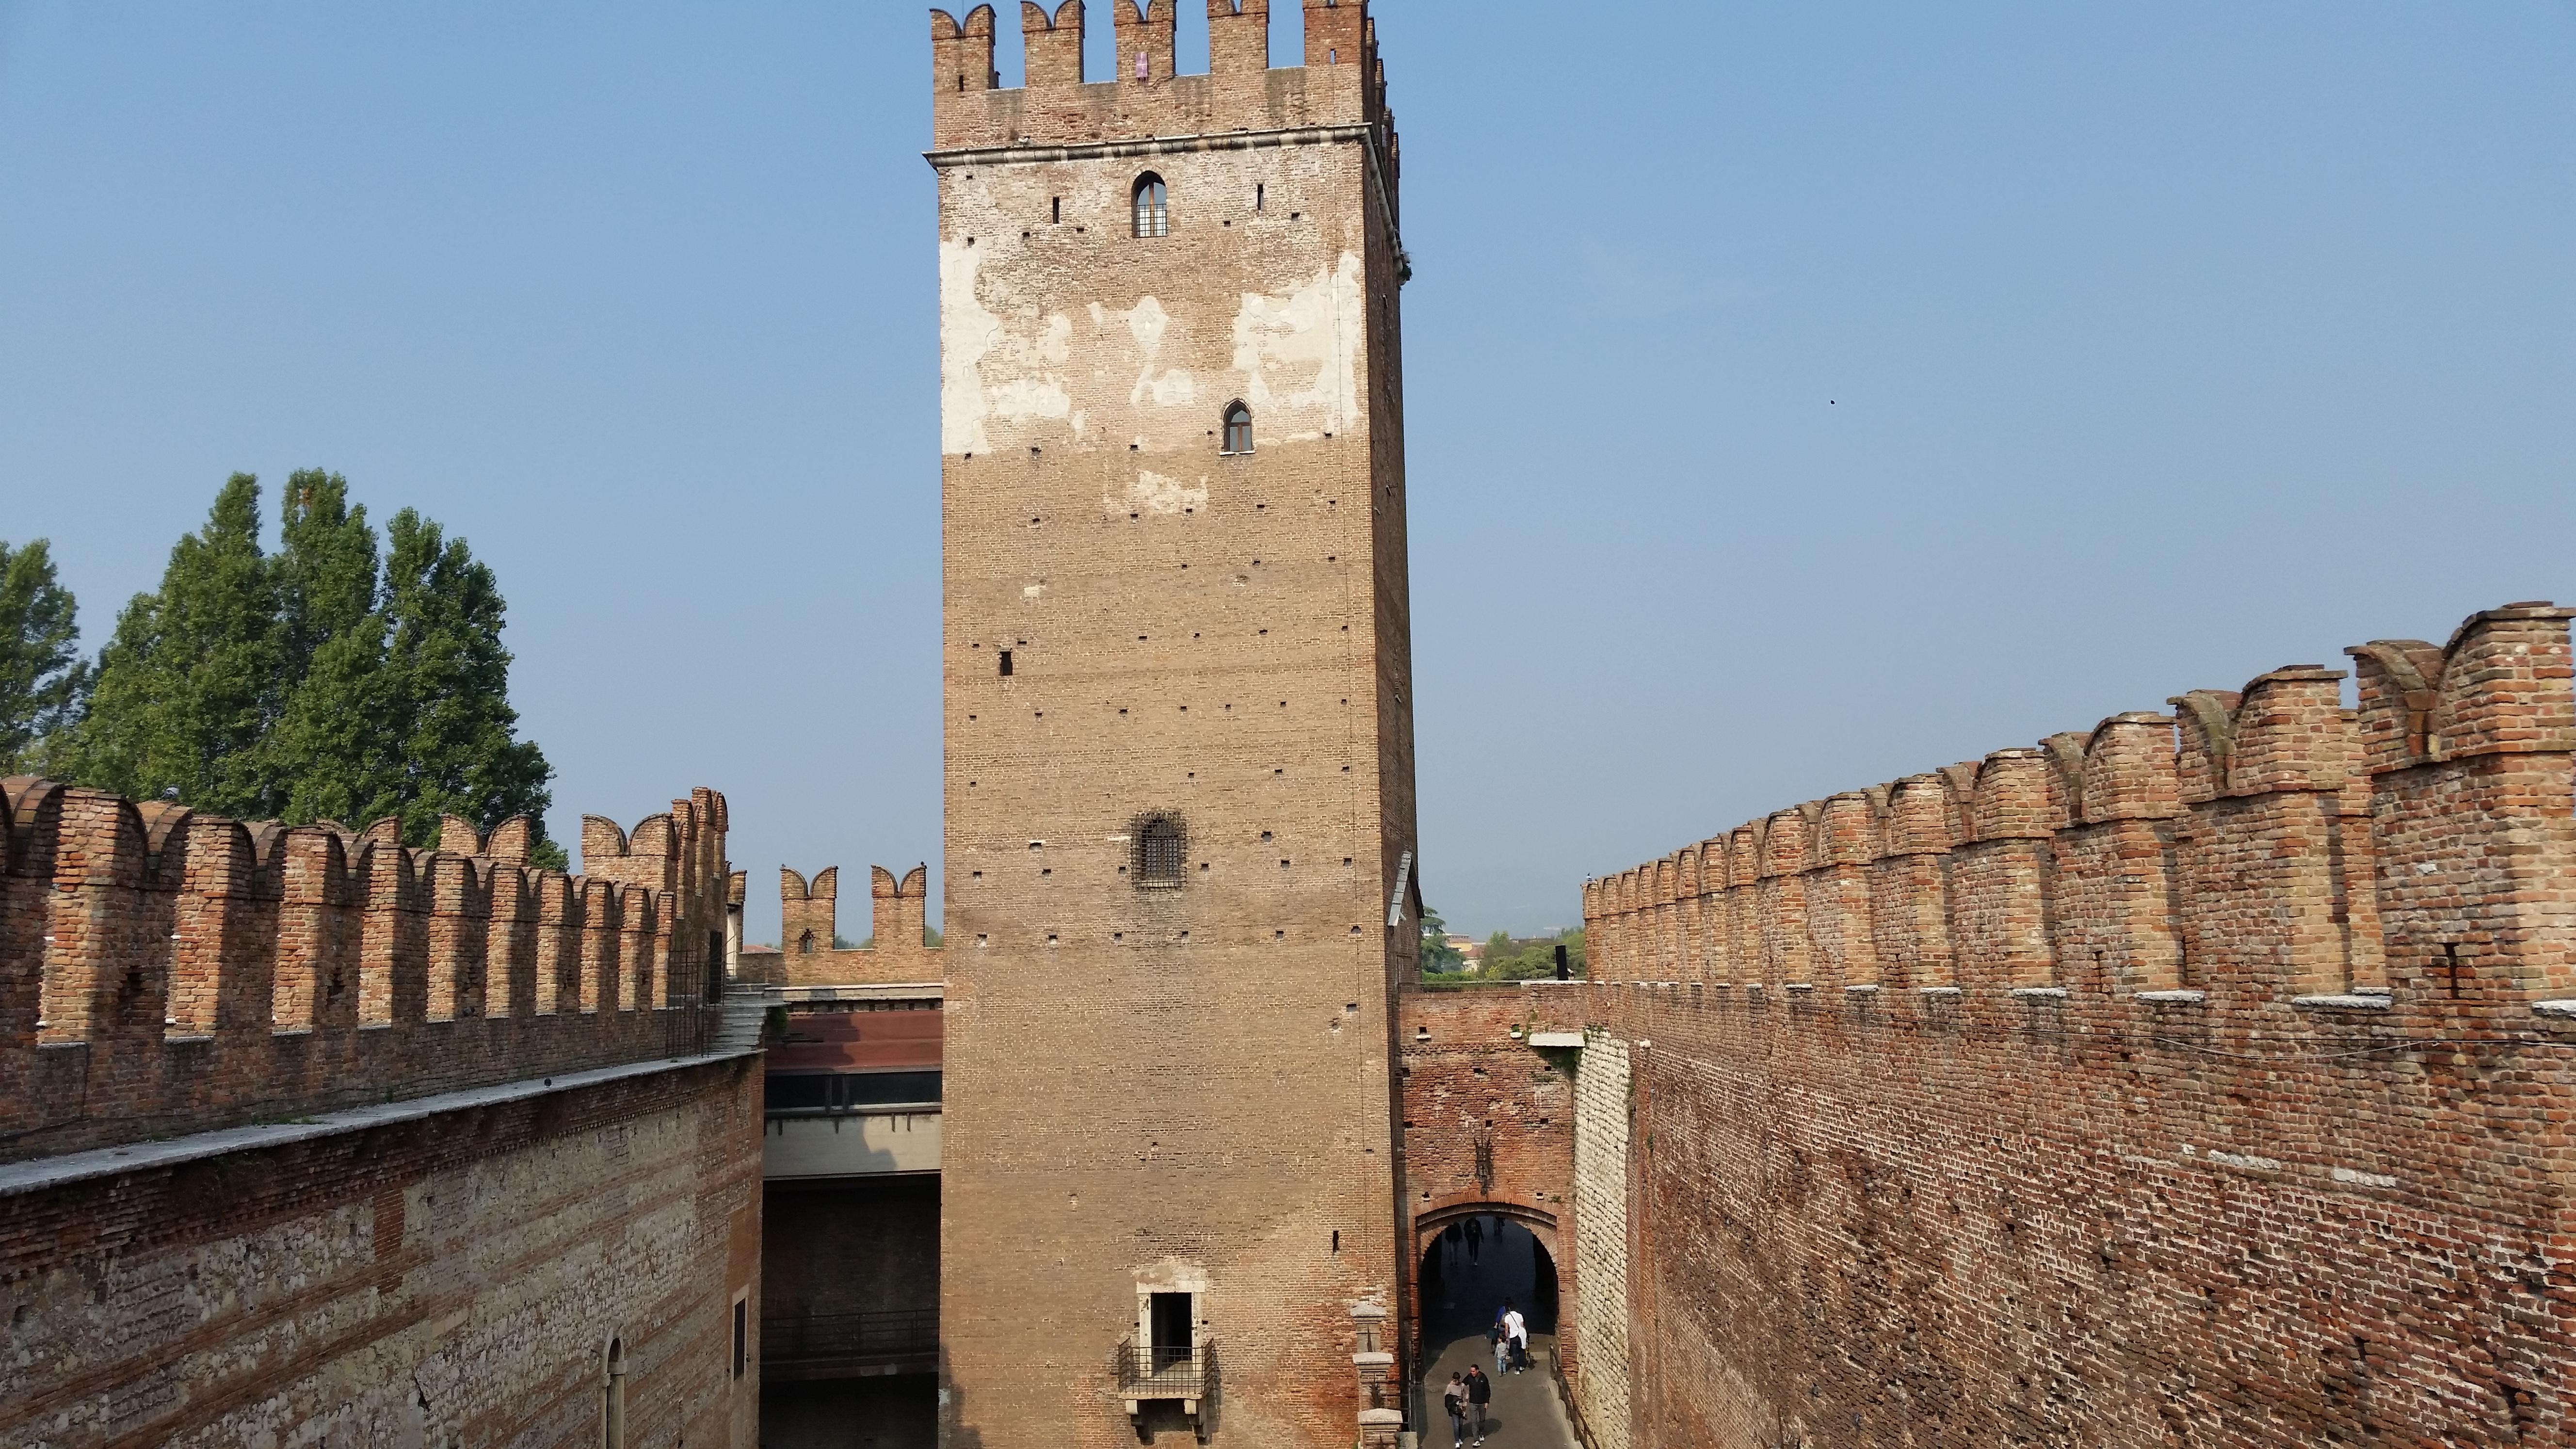 Museo Di Castelvecchio.File Museo Di Castelvecchio Verona 3 Jpg Wikimedia Commons